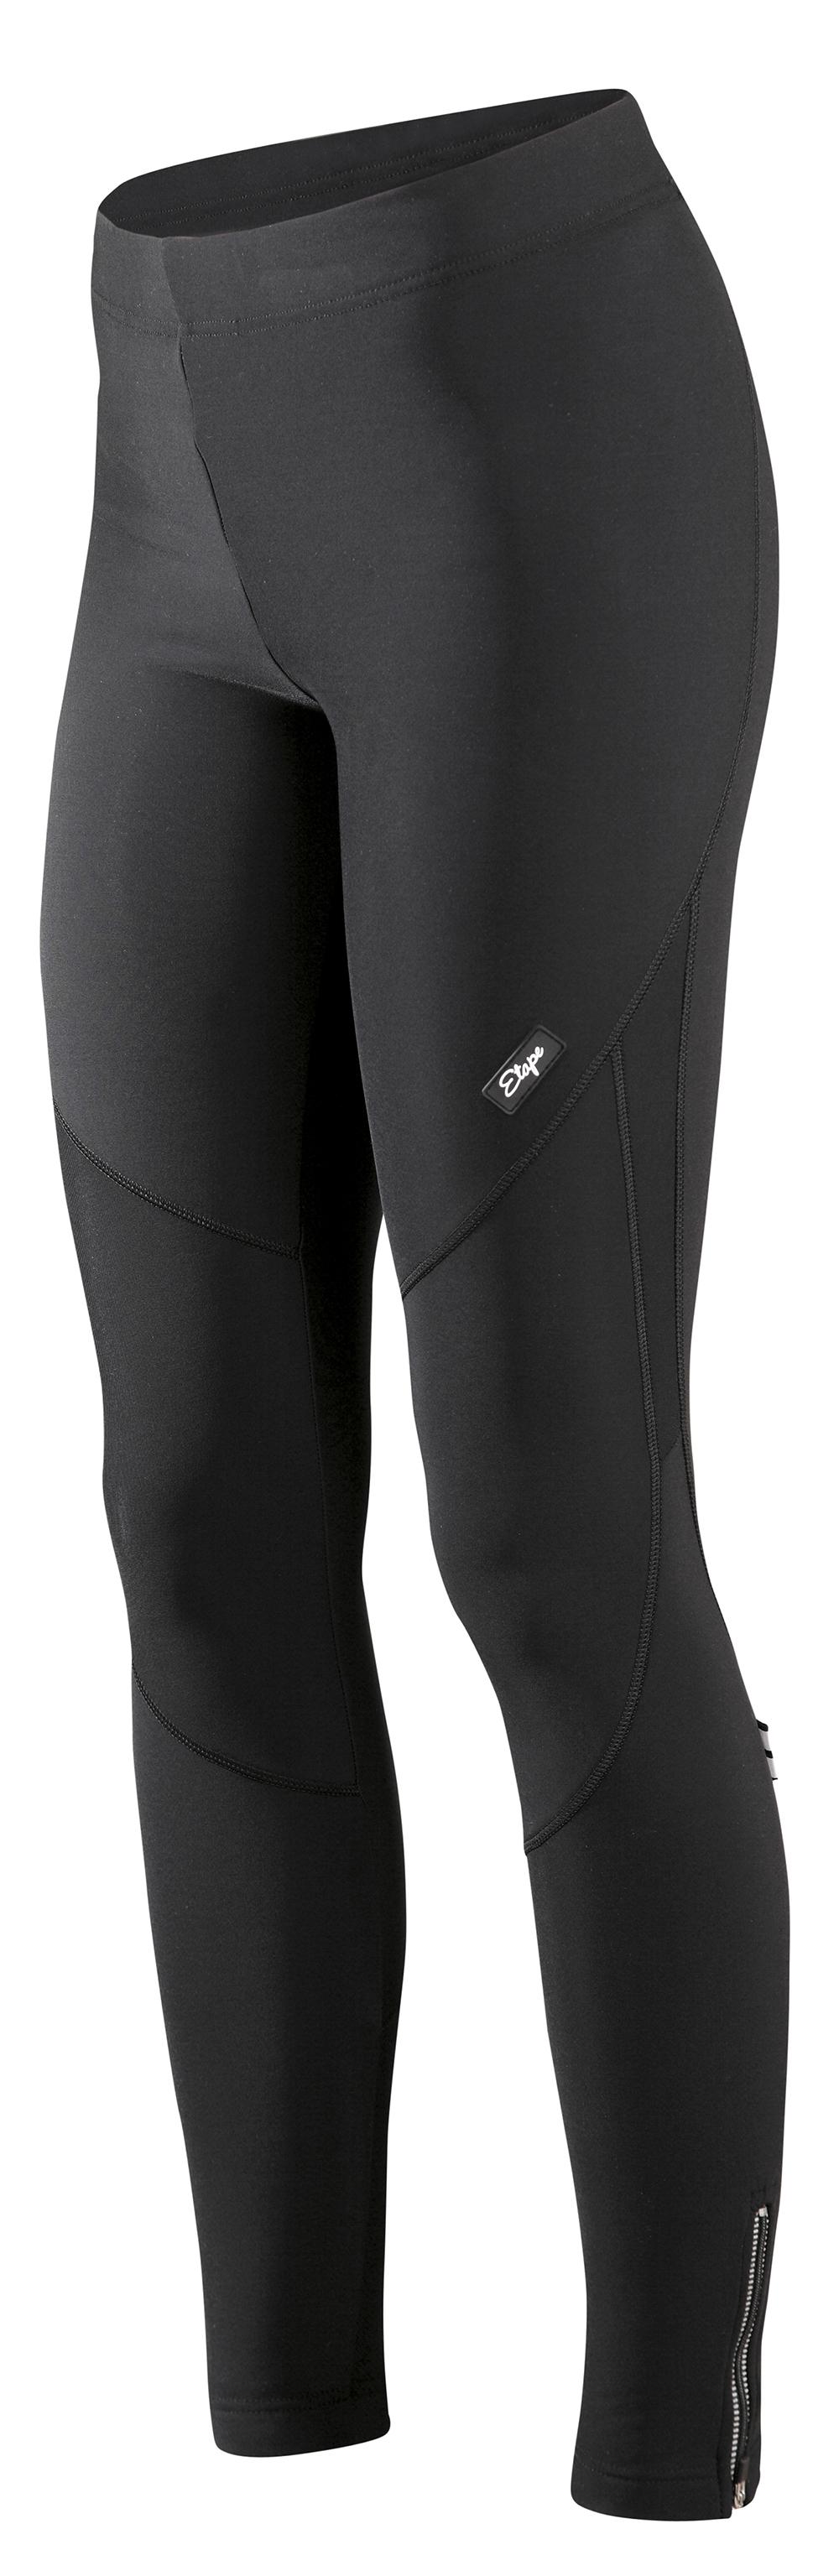 Dámské cyklistické kalhoty ETAPE Lady long, vel. L, černá, s vložkou, model 2017 (Dámské cyklistické kalhoty Etape, s dámskou elastickou vložkou )